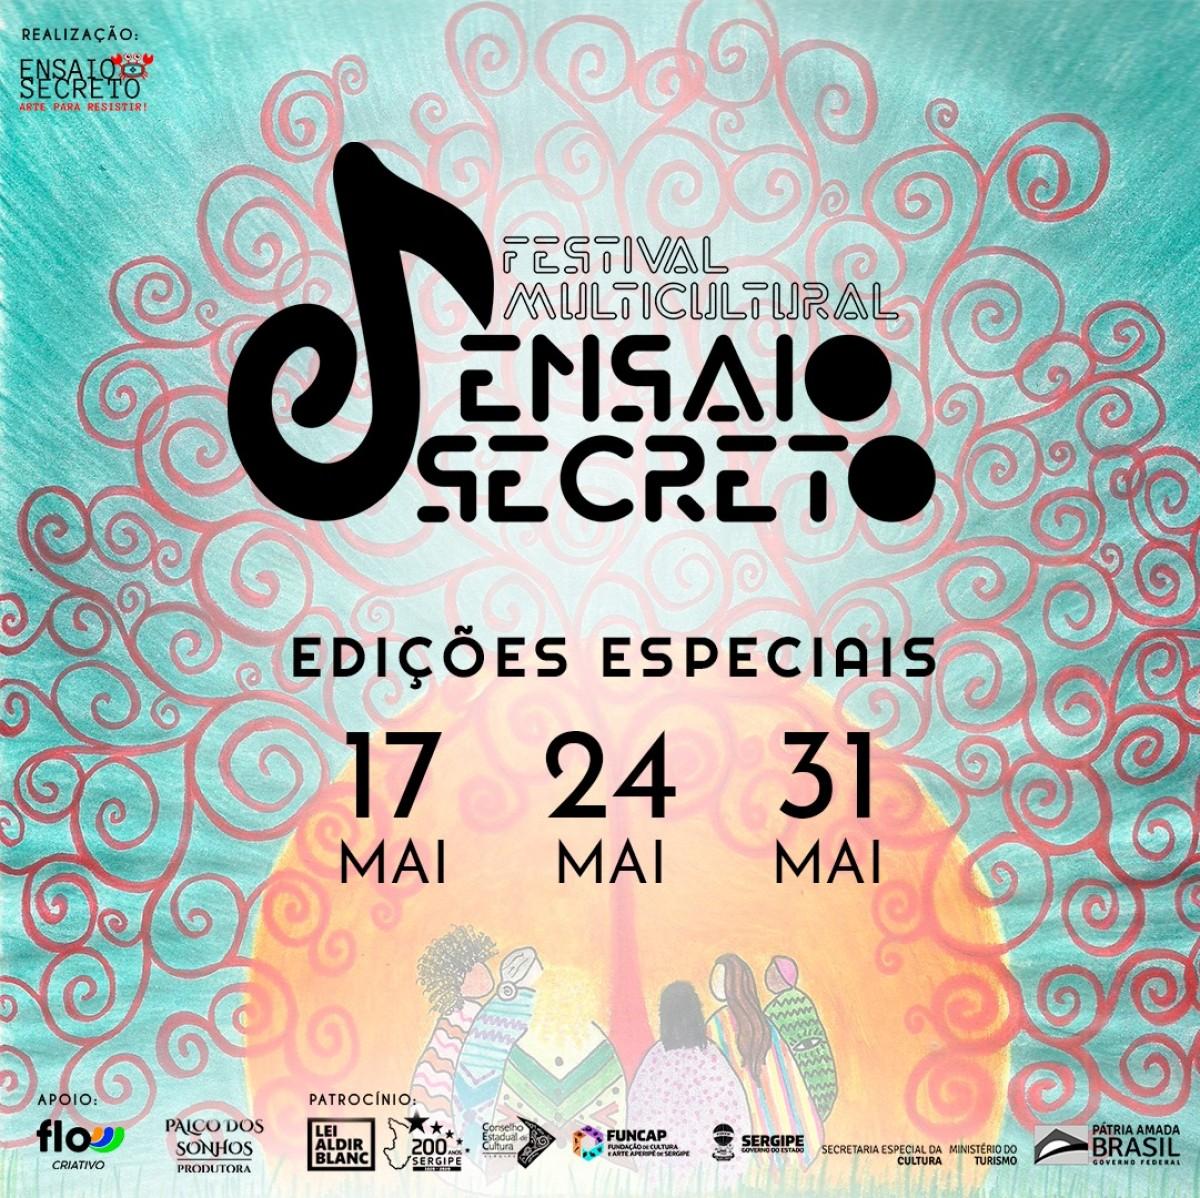 O Coletivo de Artes Ensaio Secreto lança Festival Multicultural (Imagem: Divulgação)